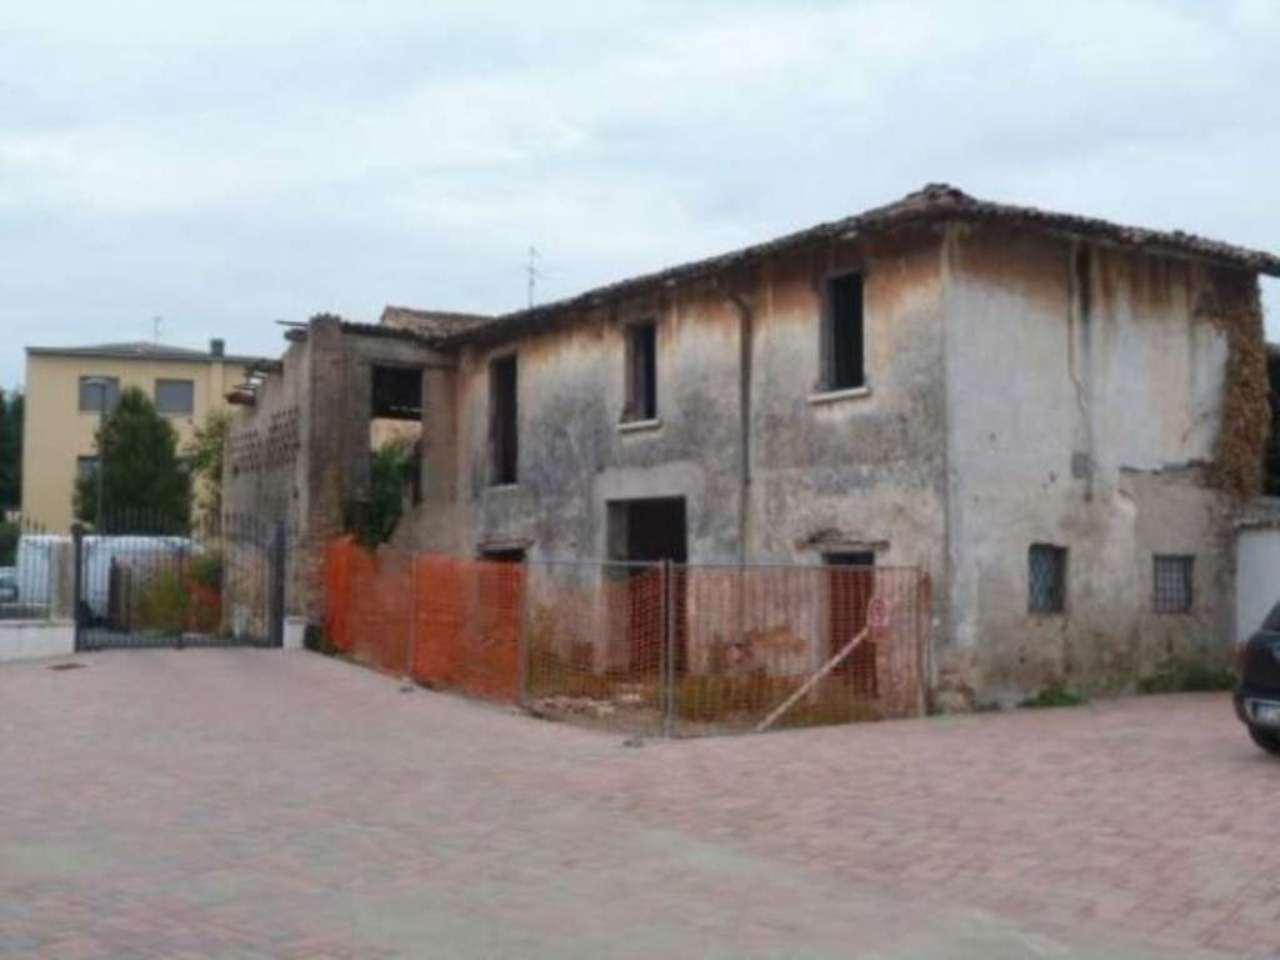 Rustico / Casale in vendita a Borgosatollo, 6 locali, prezzo € 160.000 | Cambio Casa.it